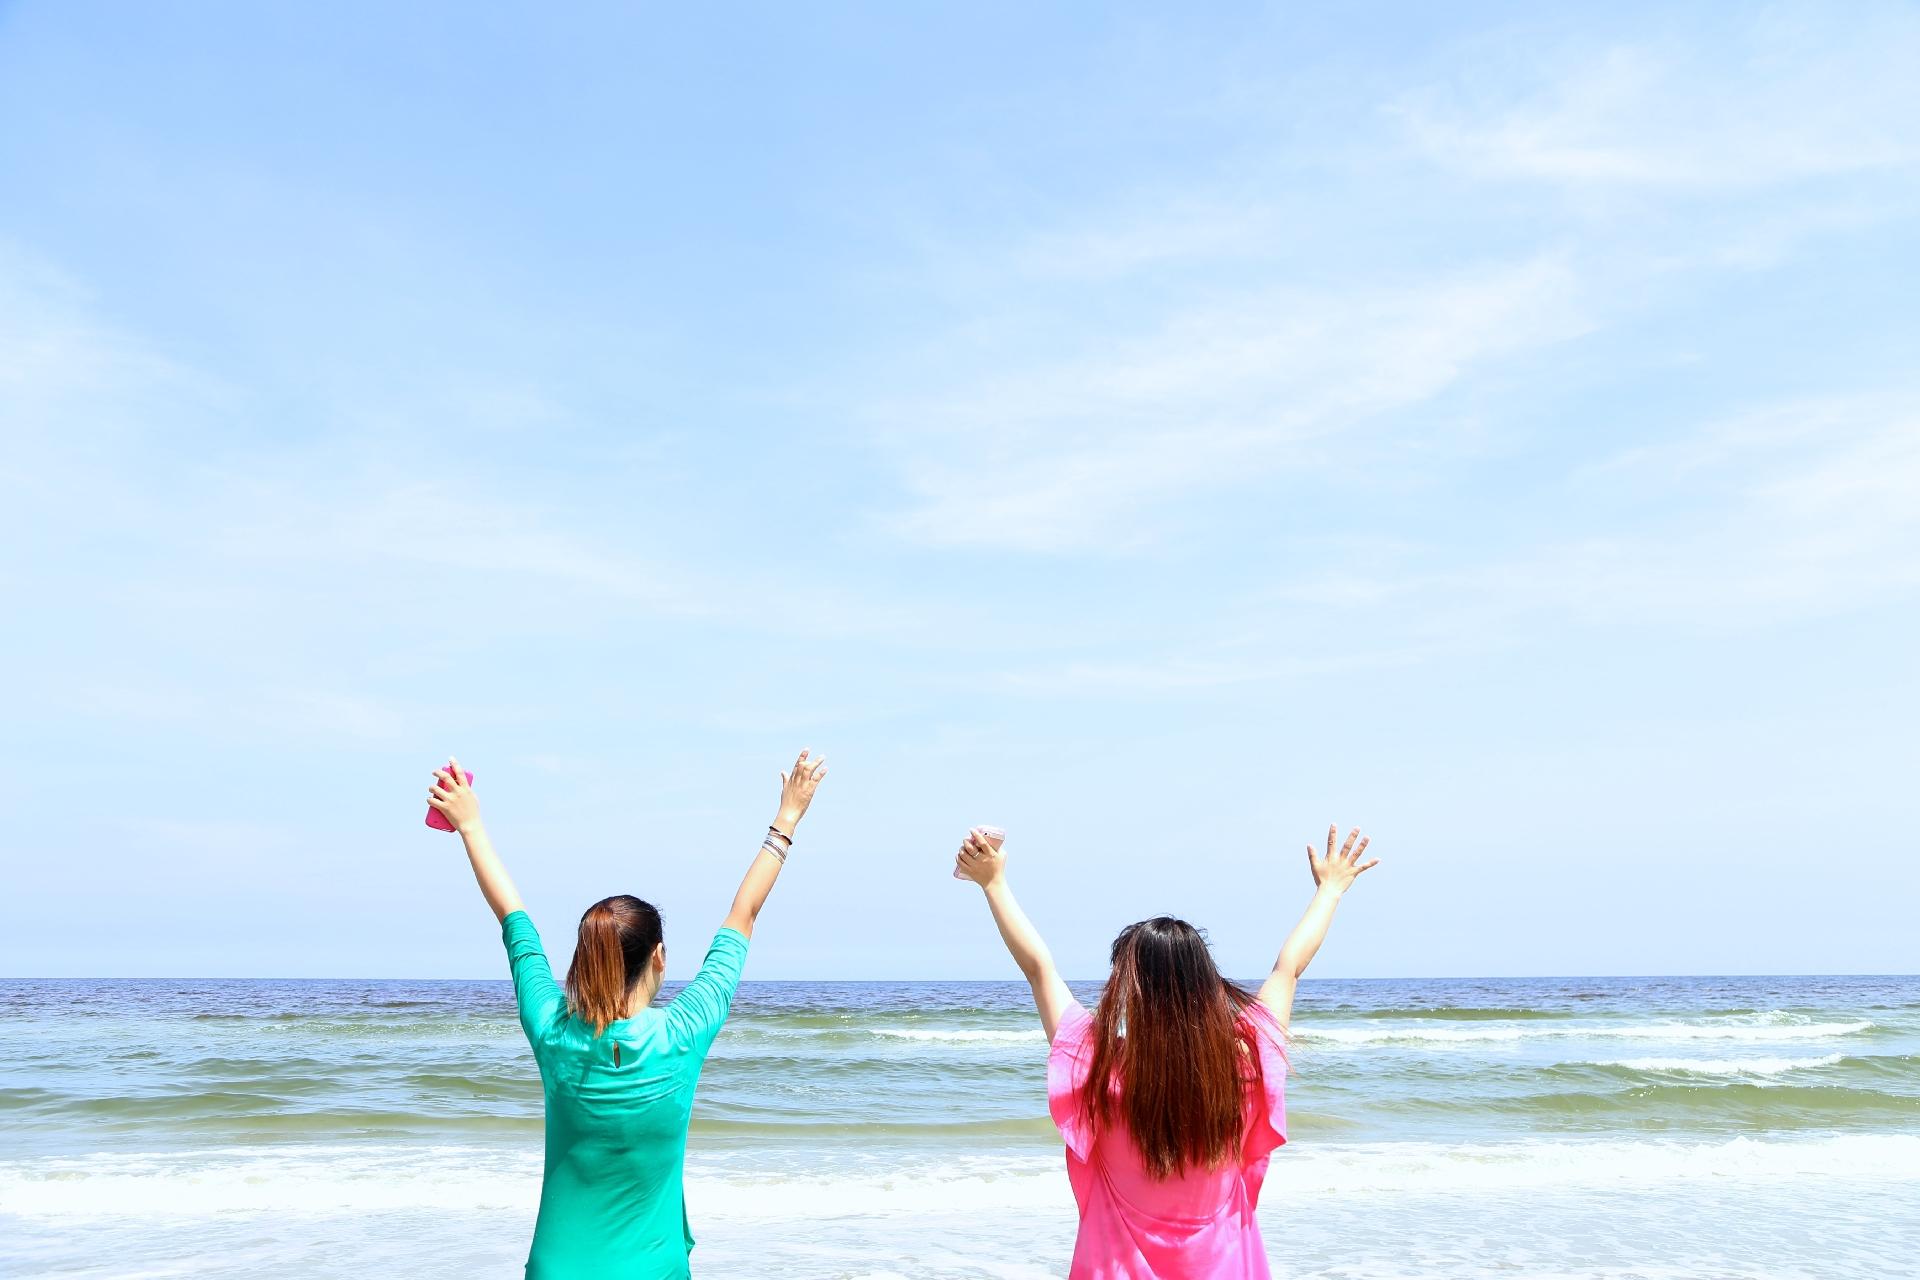 さあ、次の休暇の計画を立てよう! 連休明けの「仕事に戻りたくない病」に打ち勝つ6つの方法